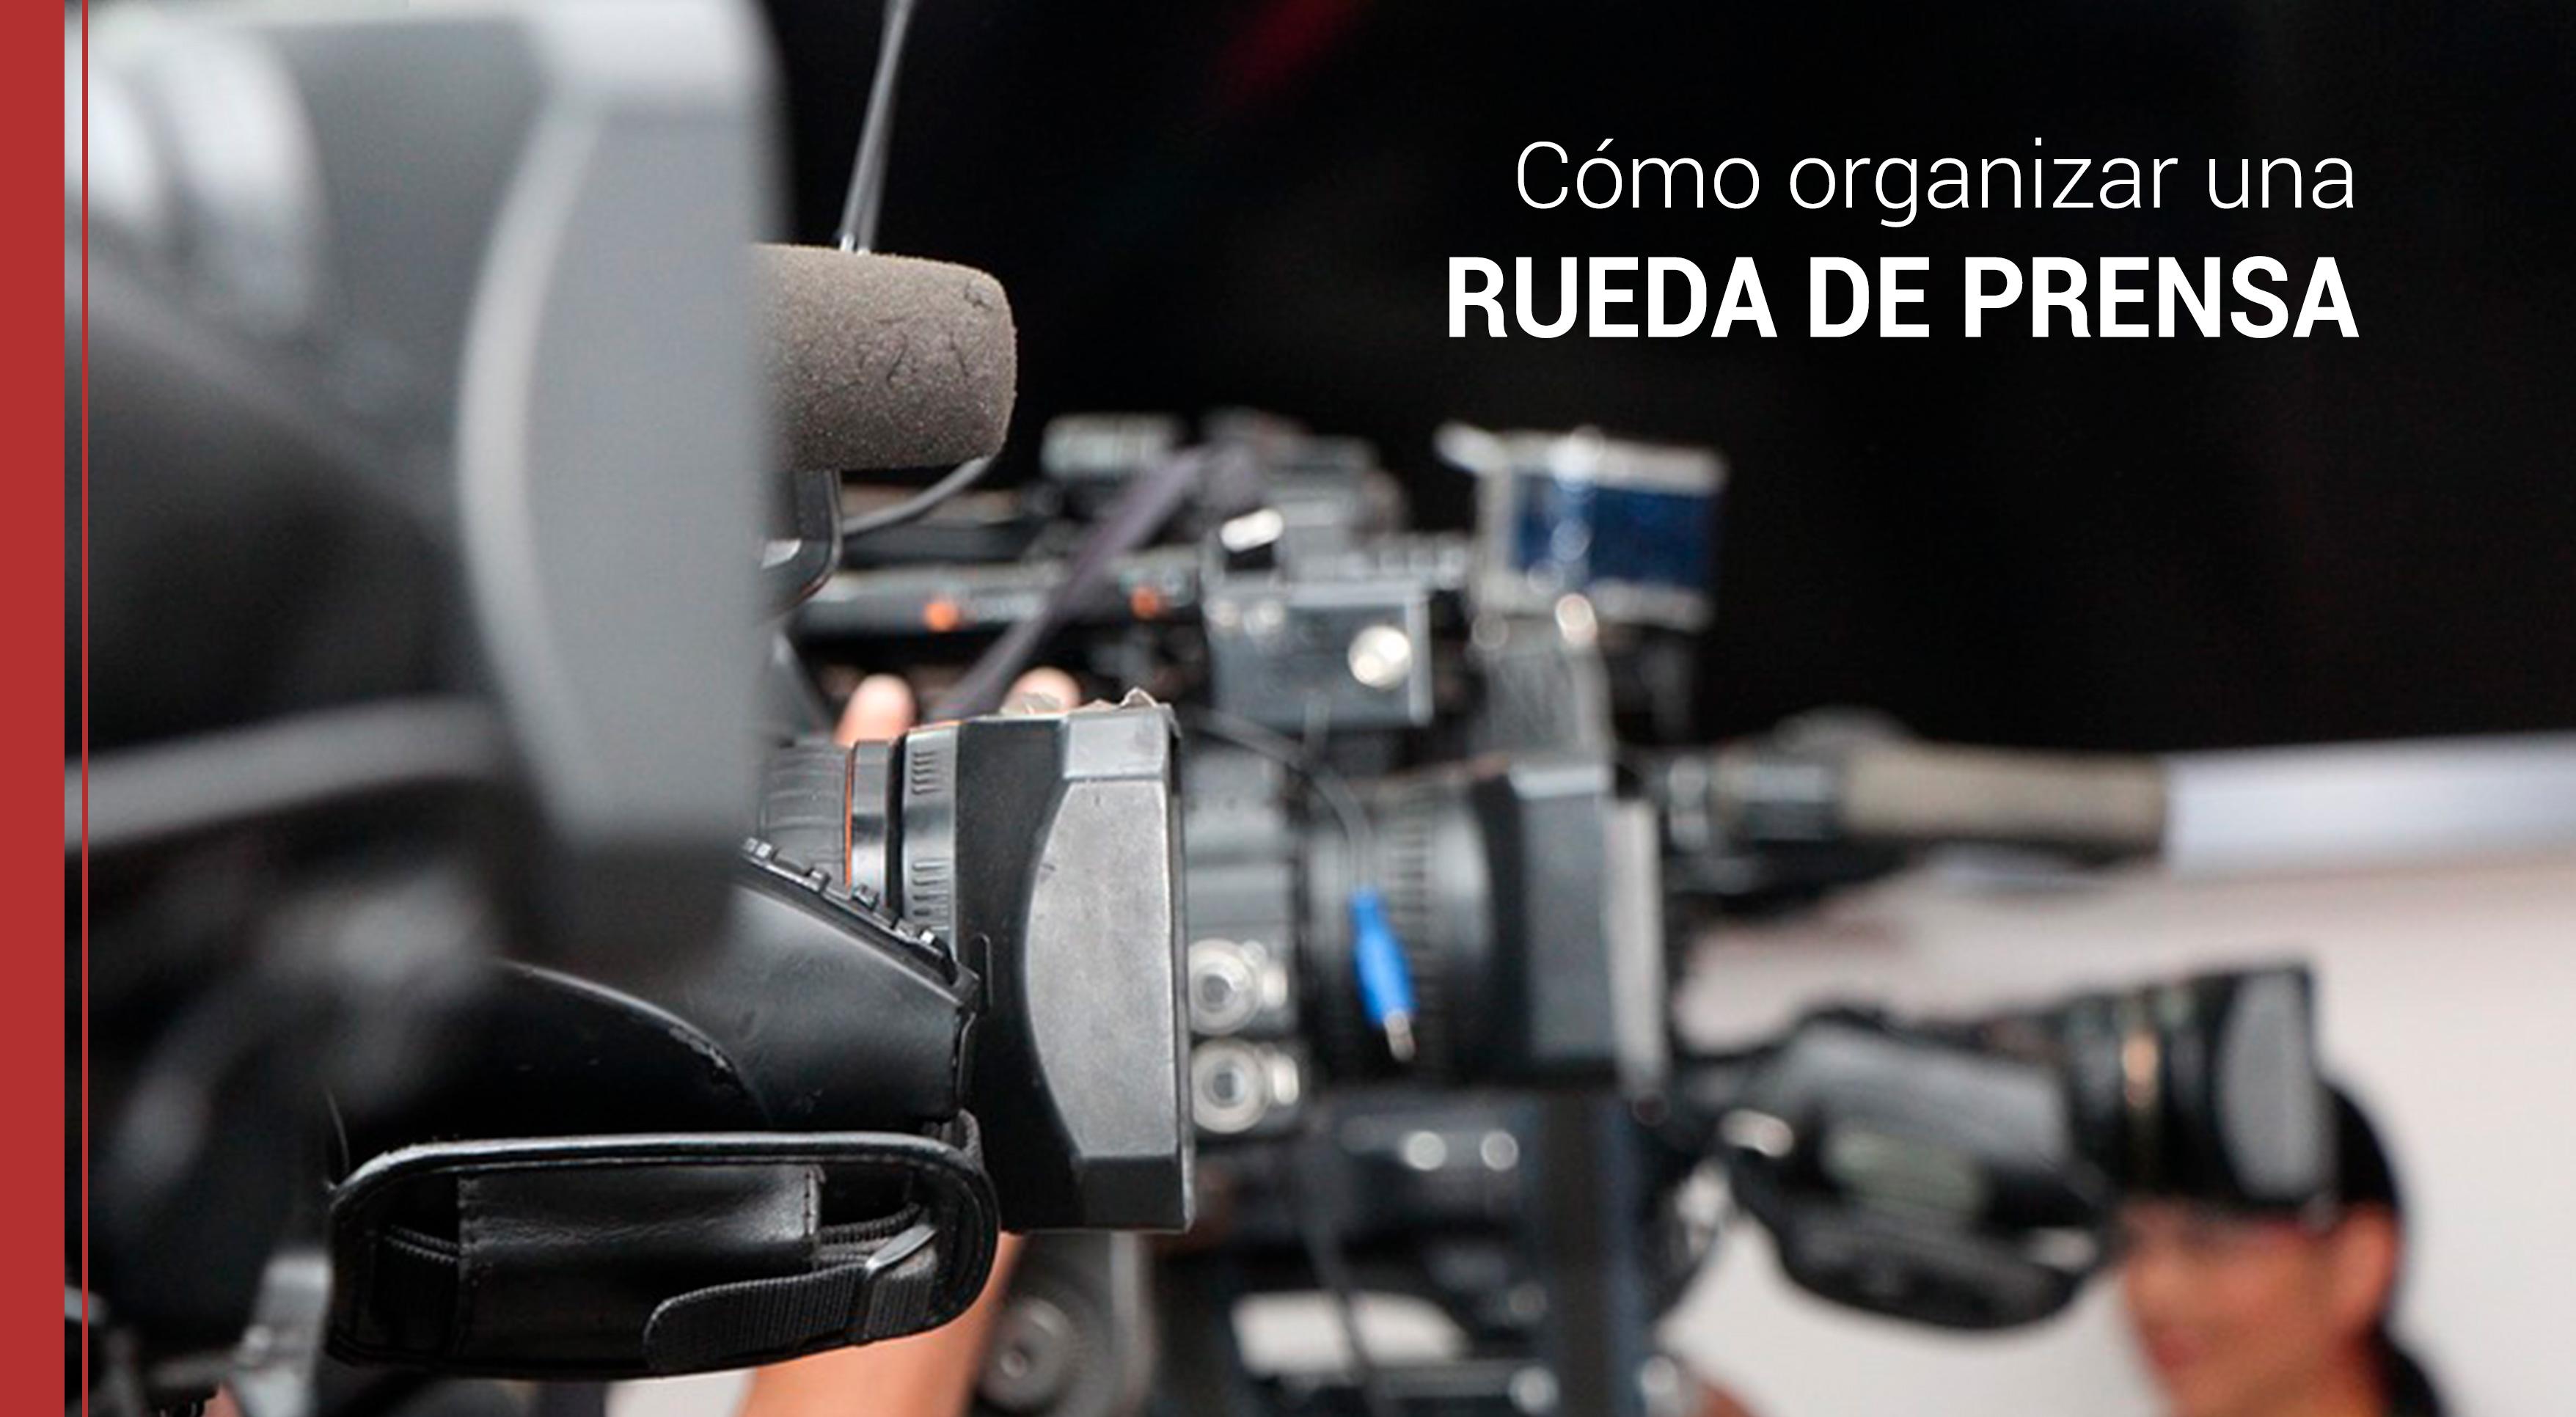 pasos para organizar una rueda de prensa